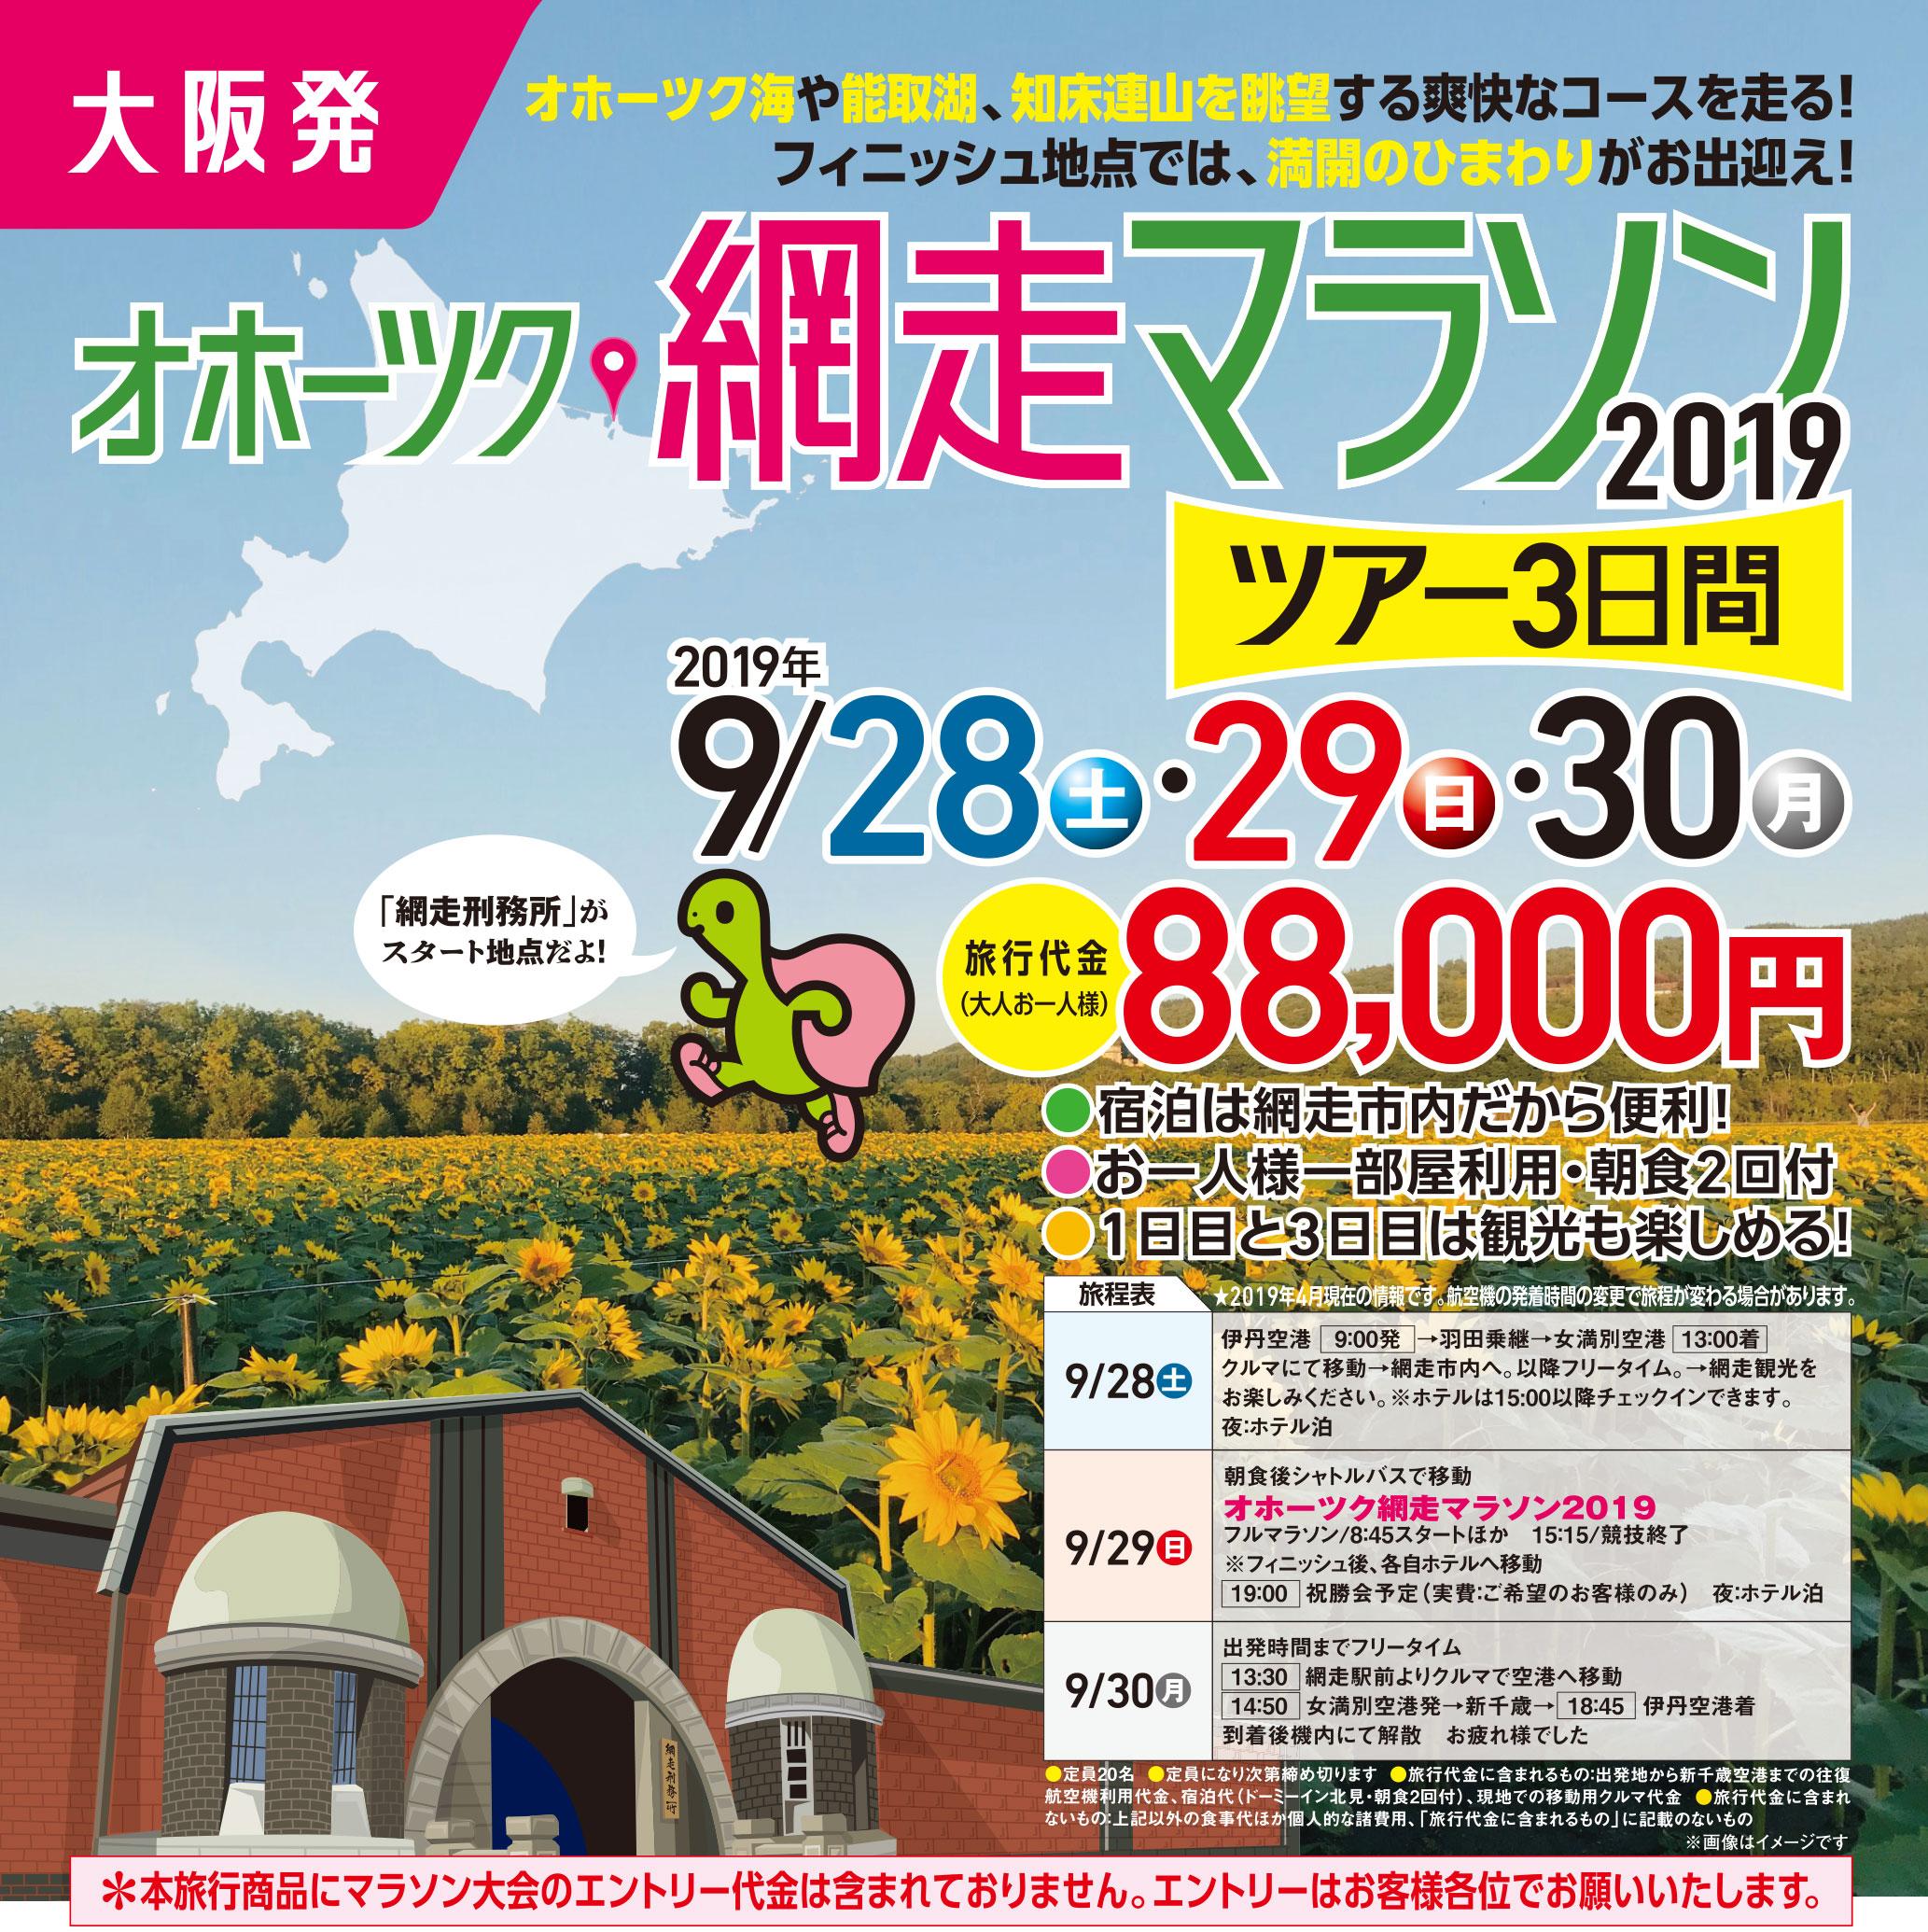 オホーツク網走マラソン2019〈大阪発〉